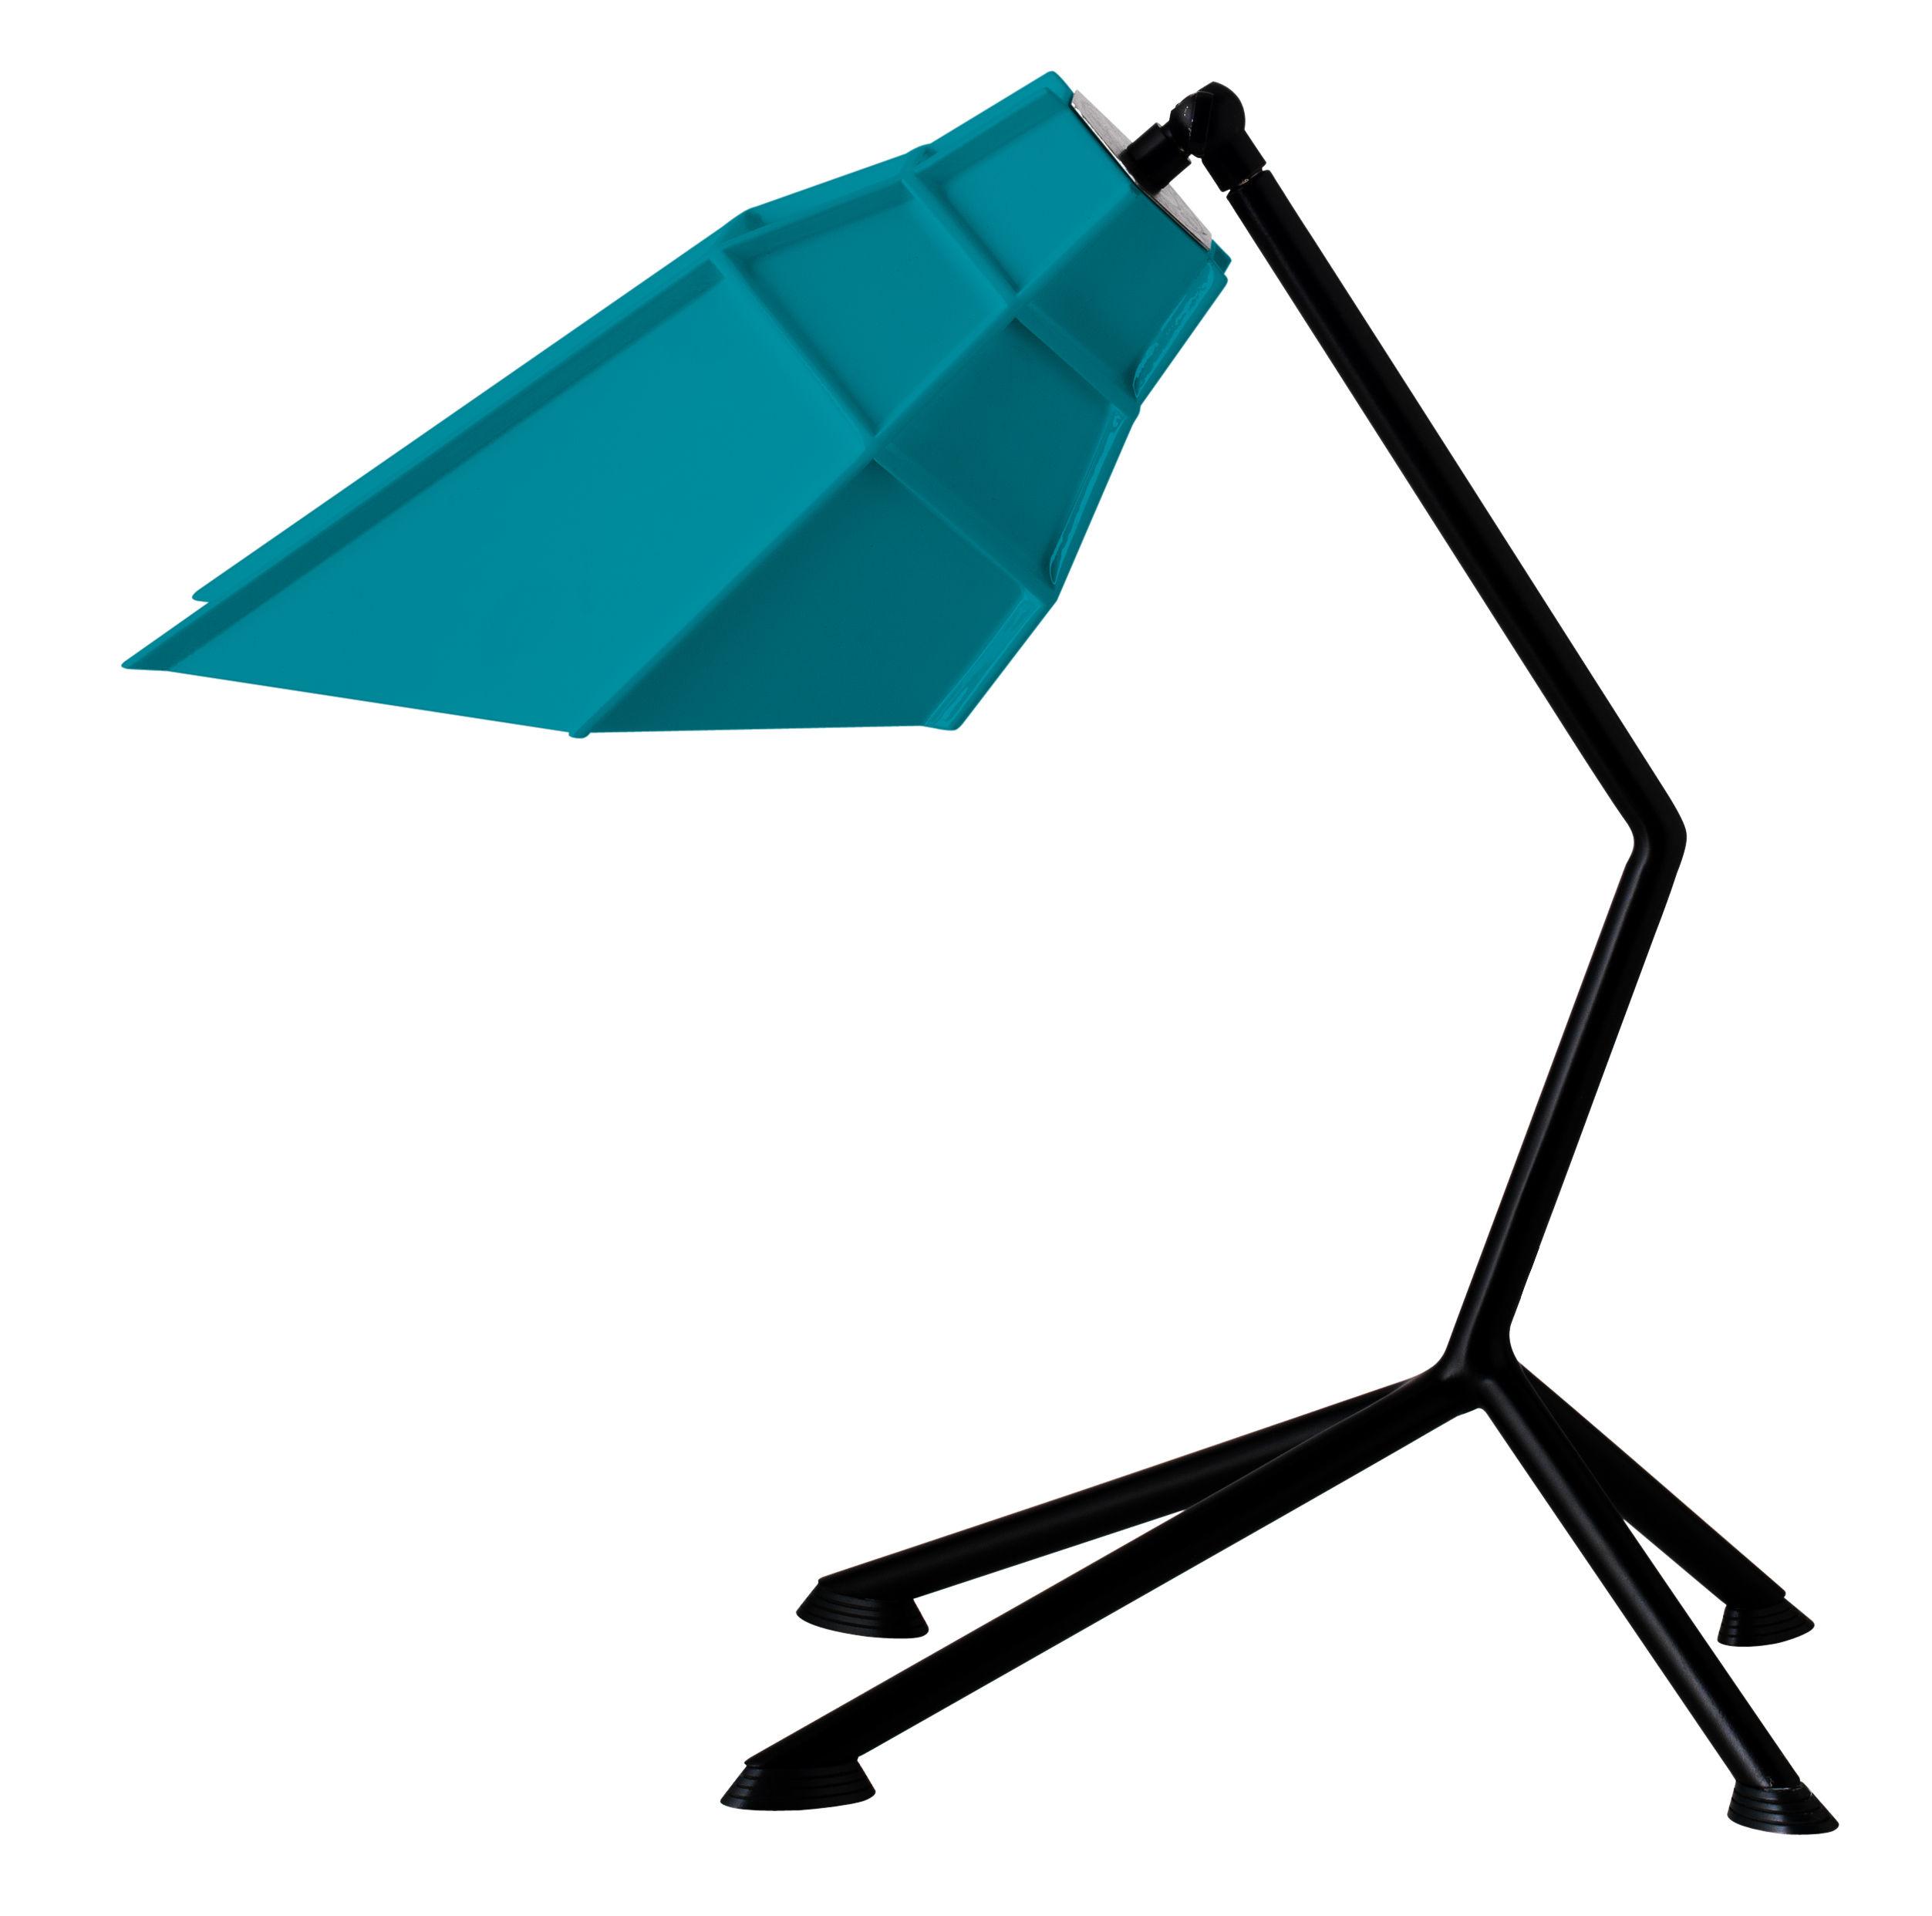 Luminaire - Lampes de table - Lampe de table Pett - Diesel with Foscarini - Bleu azur / Base noire - Acier peint, Polycarbonate